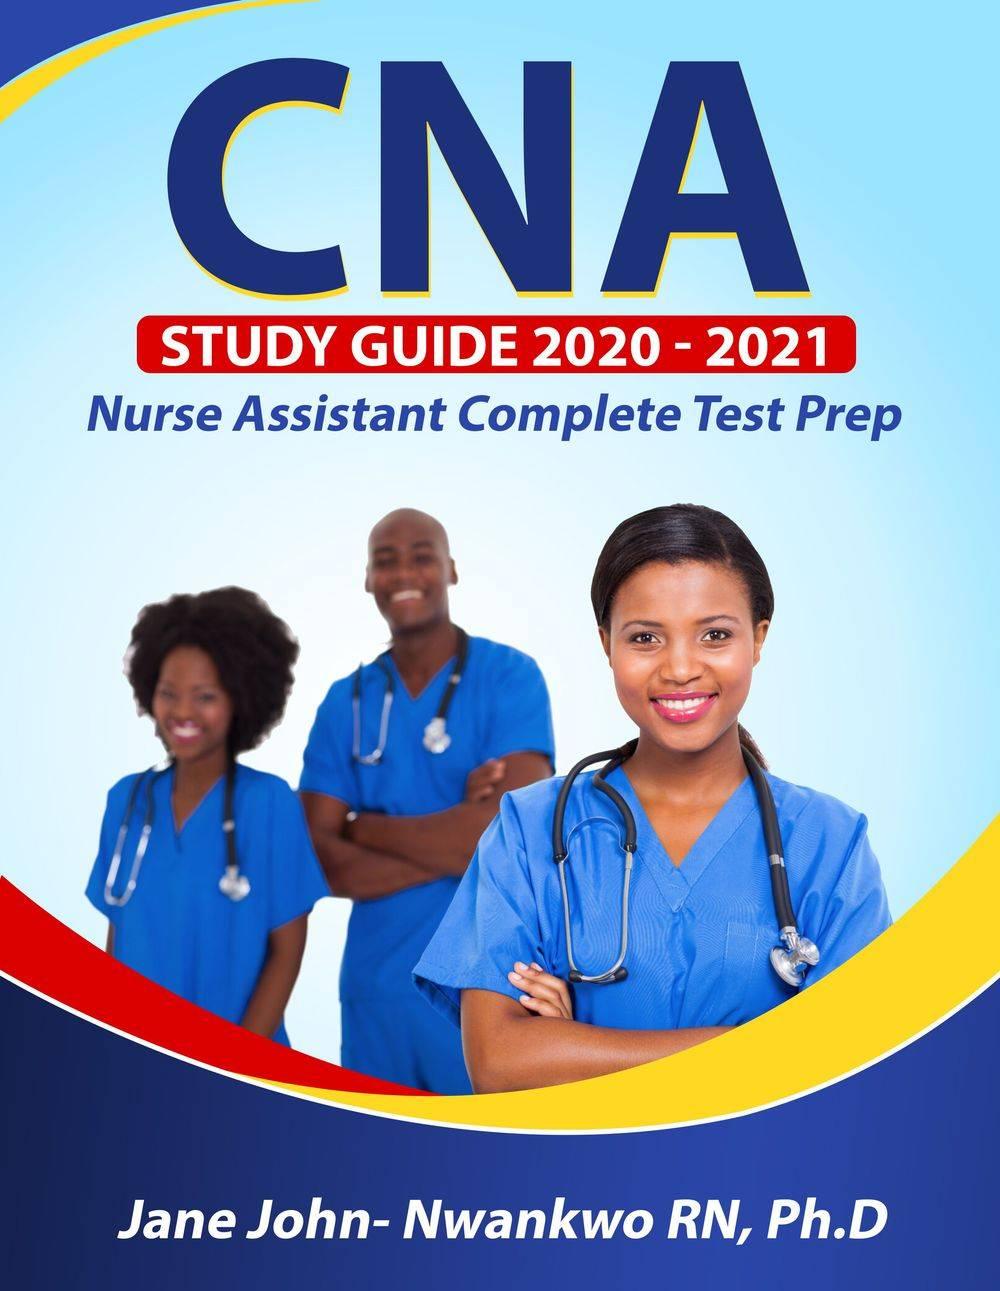 Nurse Assistant exam prep